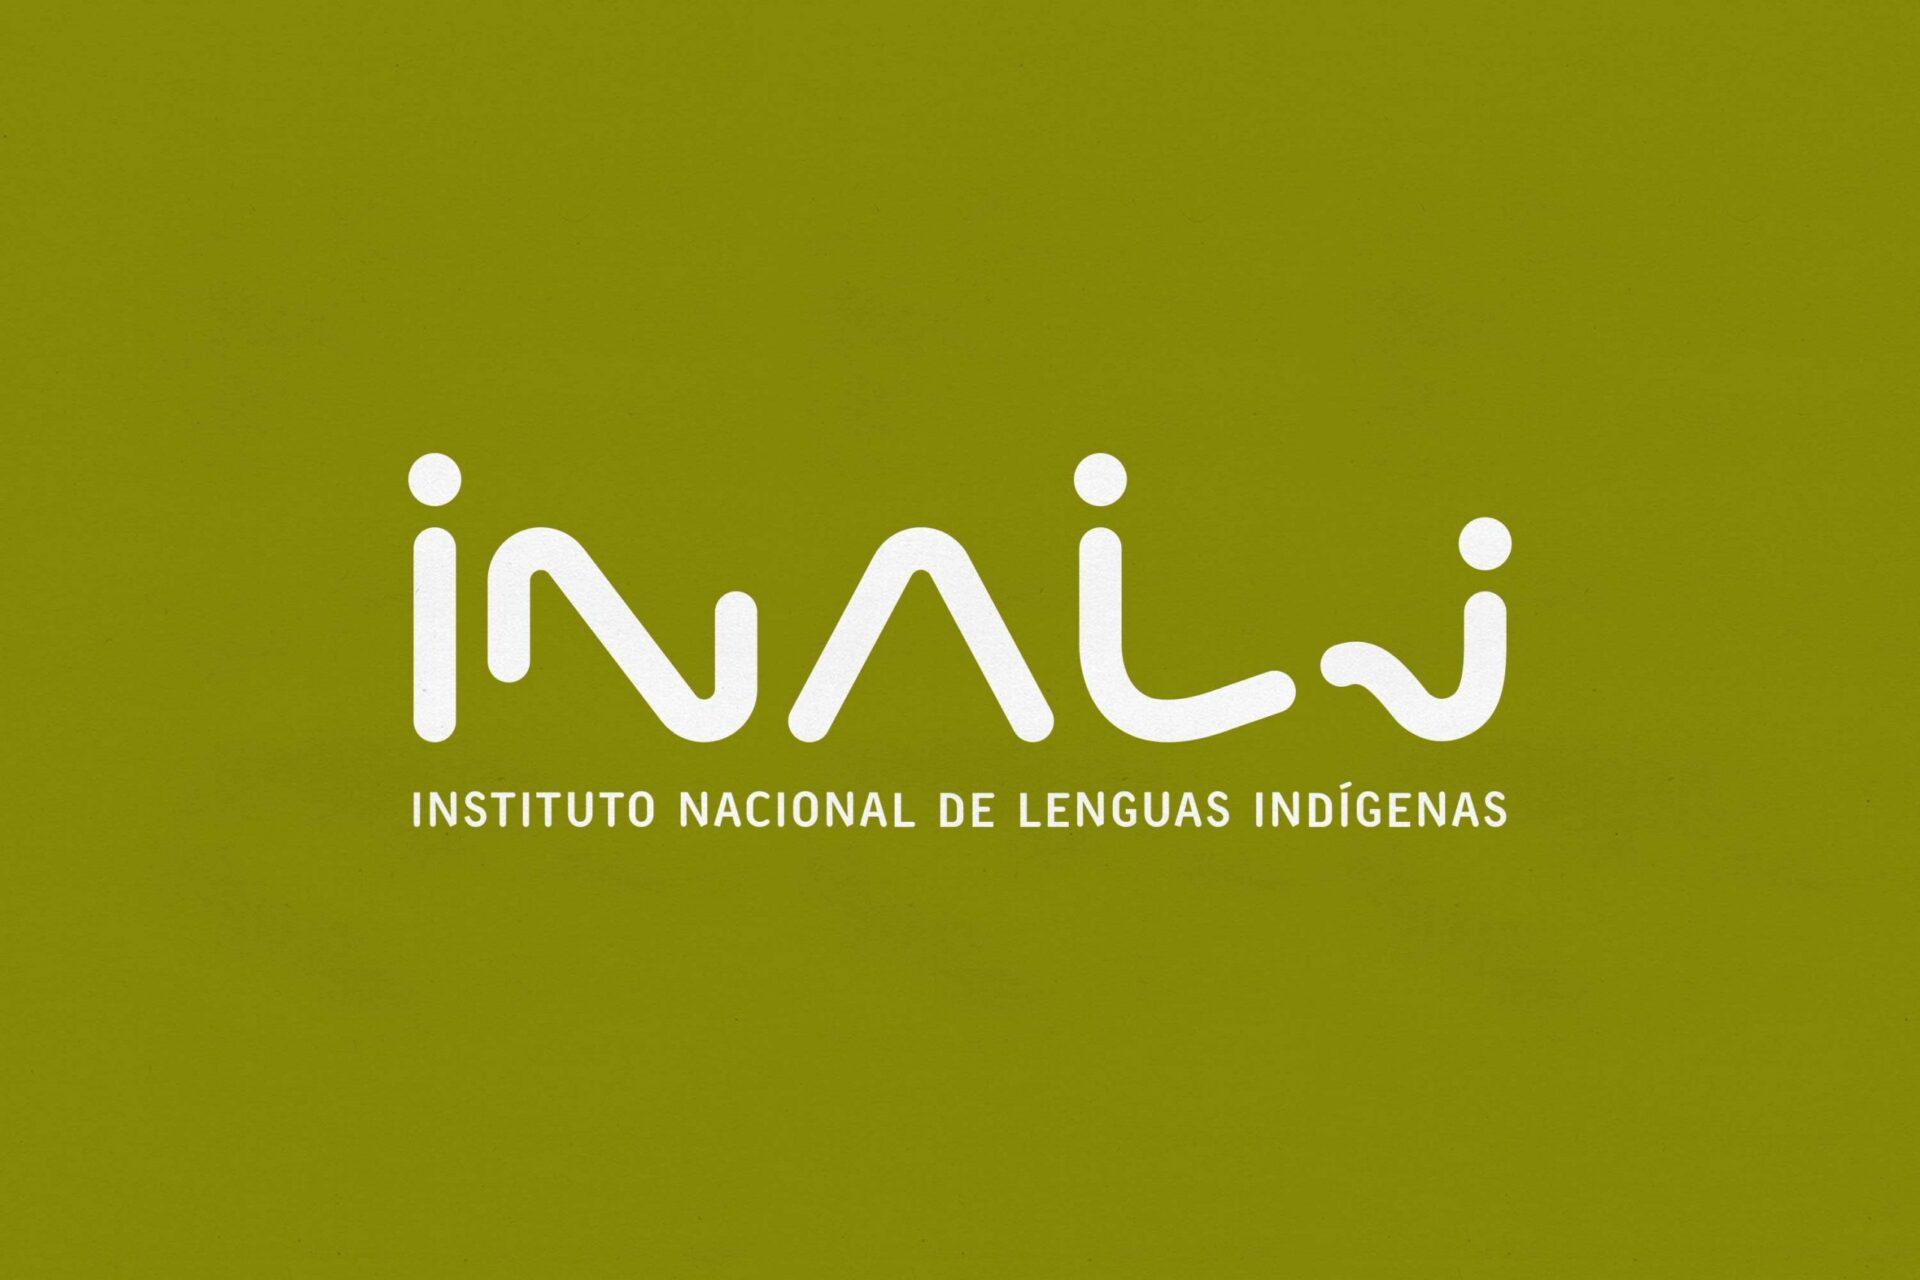 INALI-03